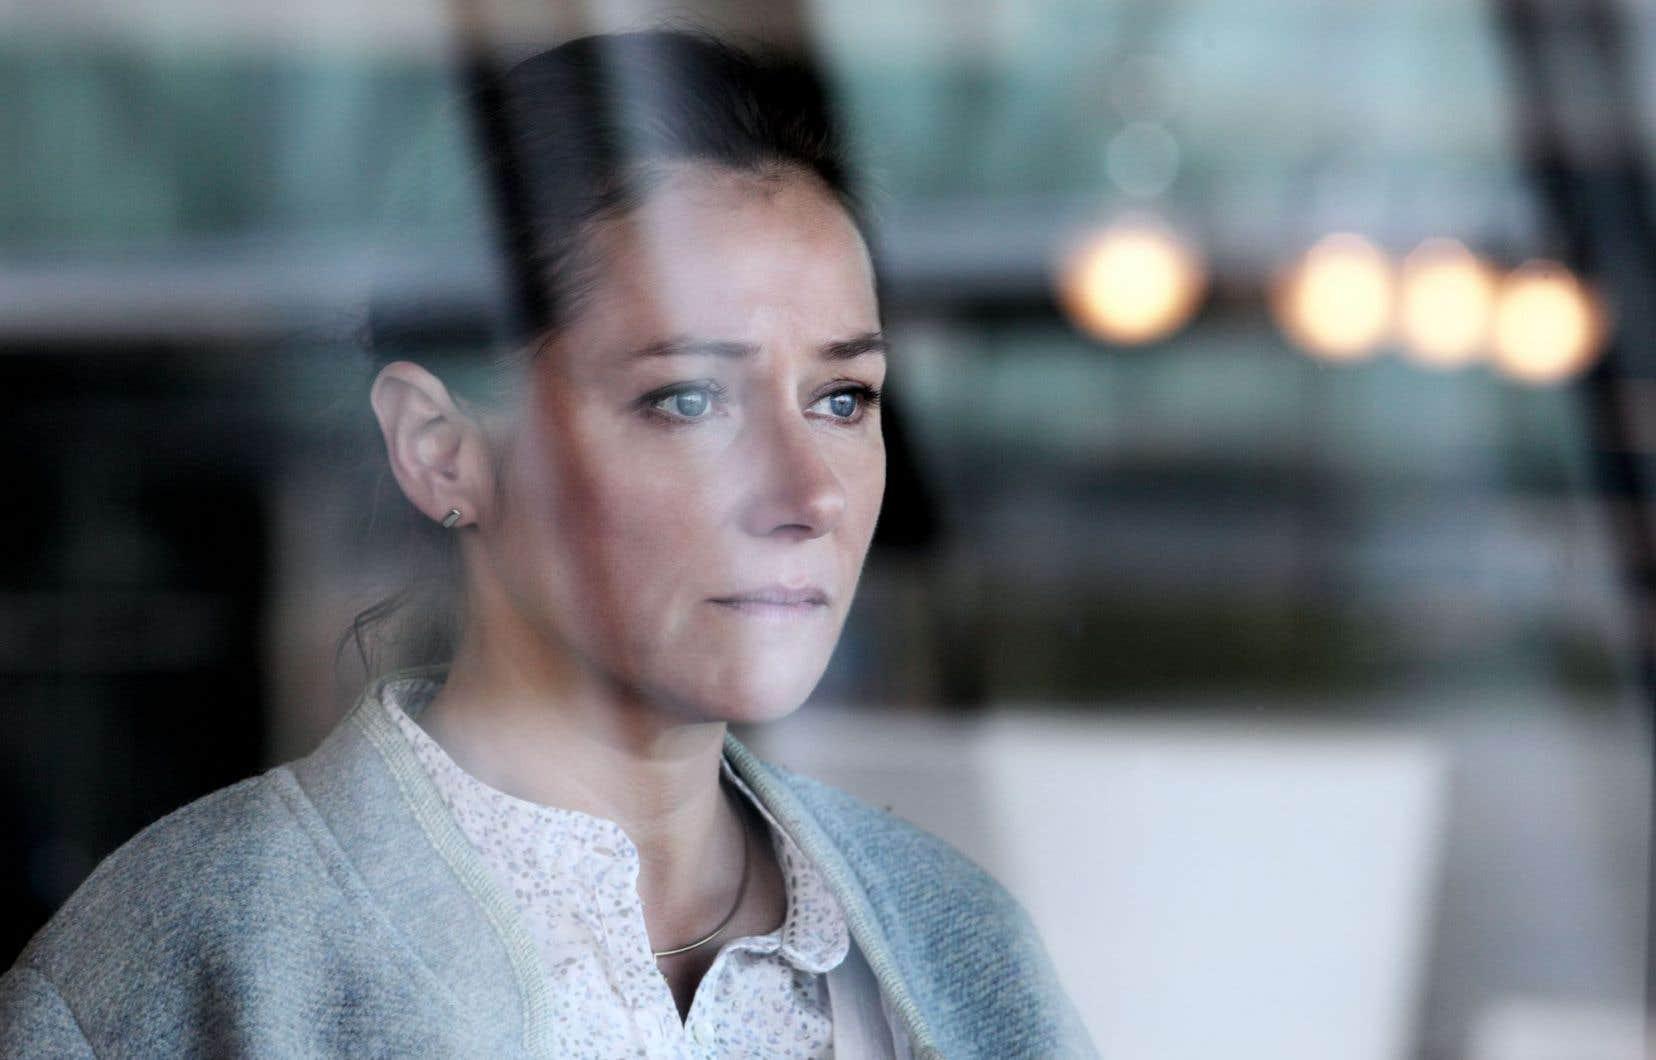 La vedette de la série «Borgen», Sidse Babett Knudsen, incarne une pneumologue qui s'est battue pour faire interdire un antidiabétique ayant causé la mort de plusieurs patients.